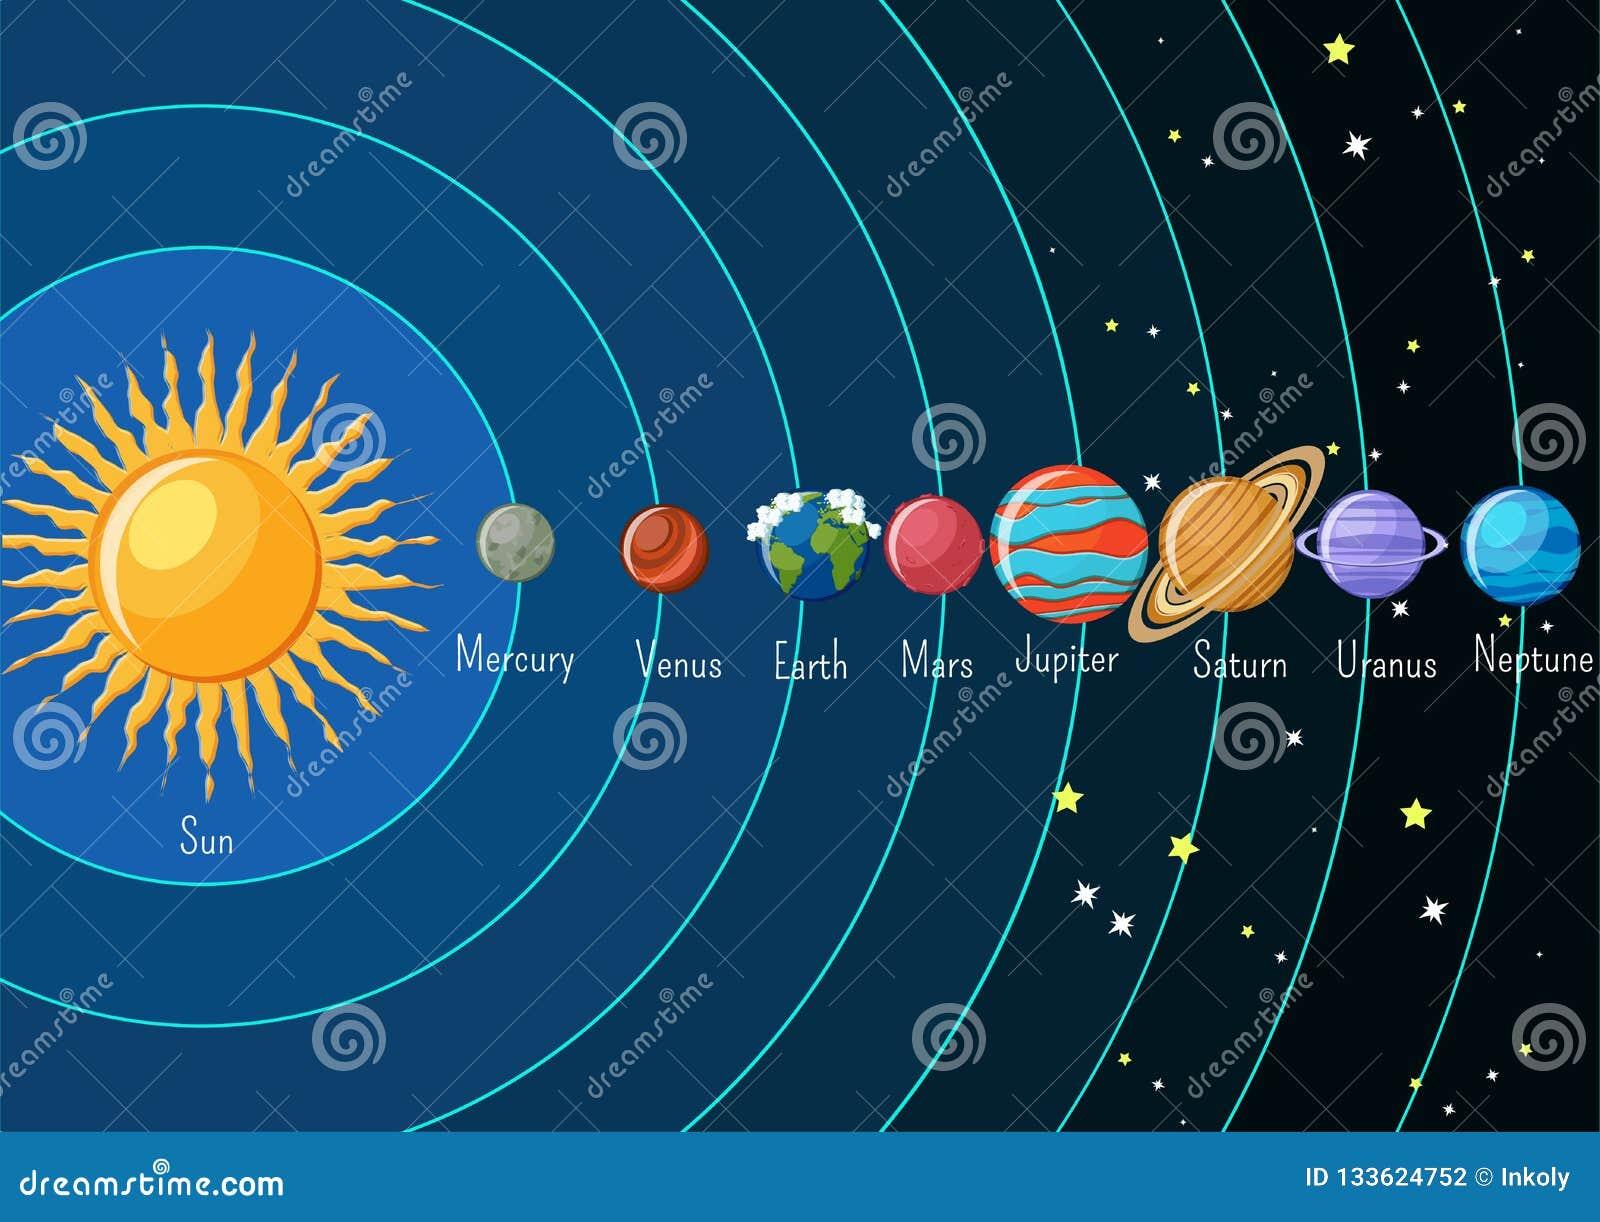 Infographics de la Sistema Solar con el sol y planetas que están en órbita alrededor y sus nombres